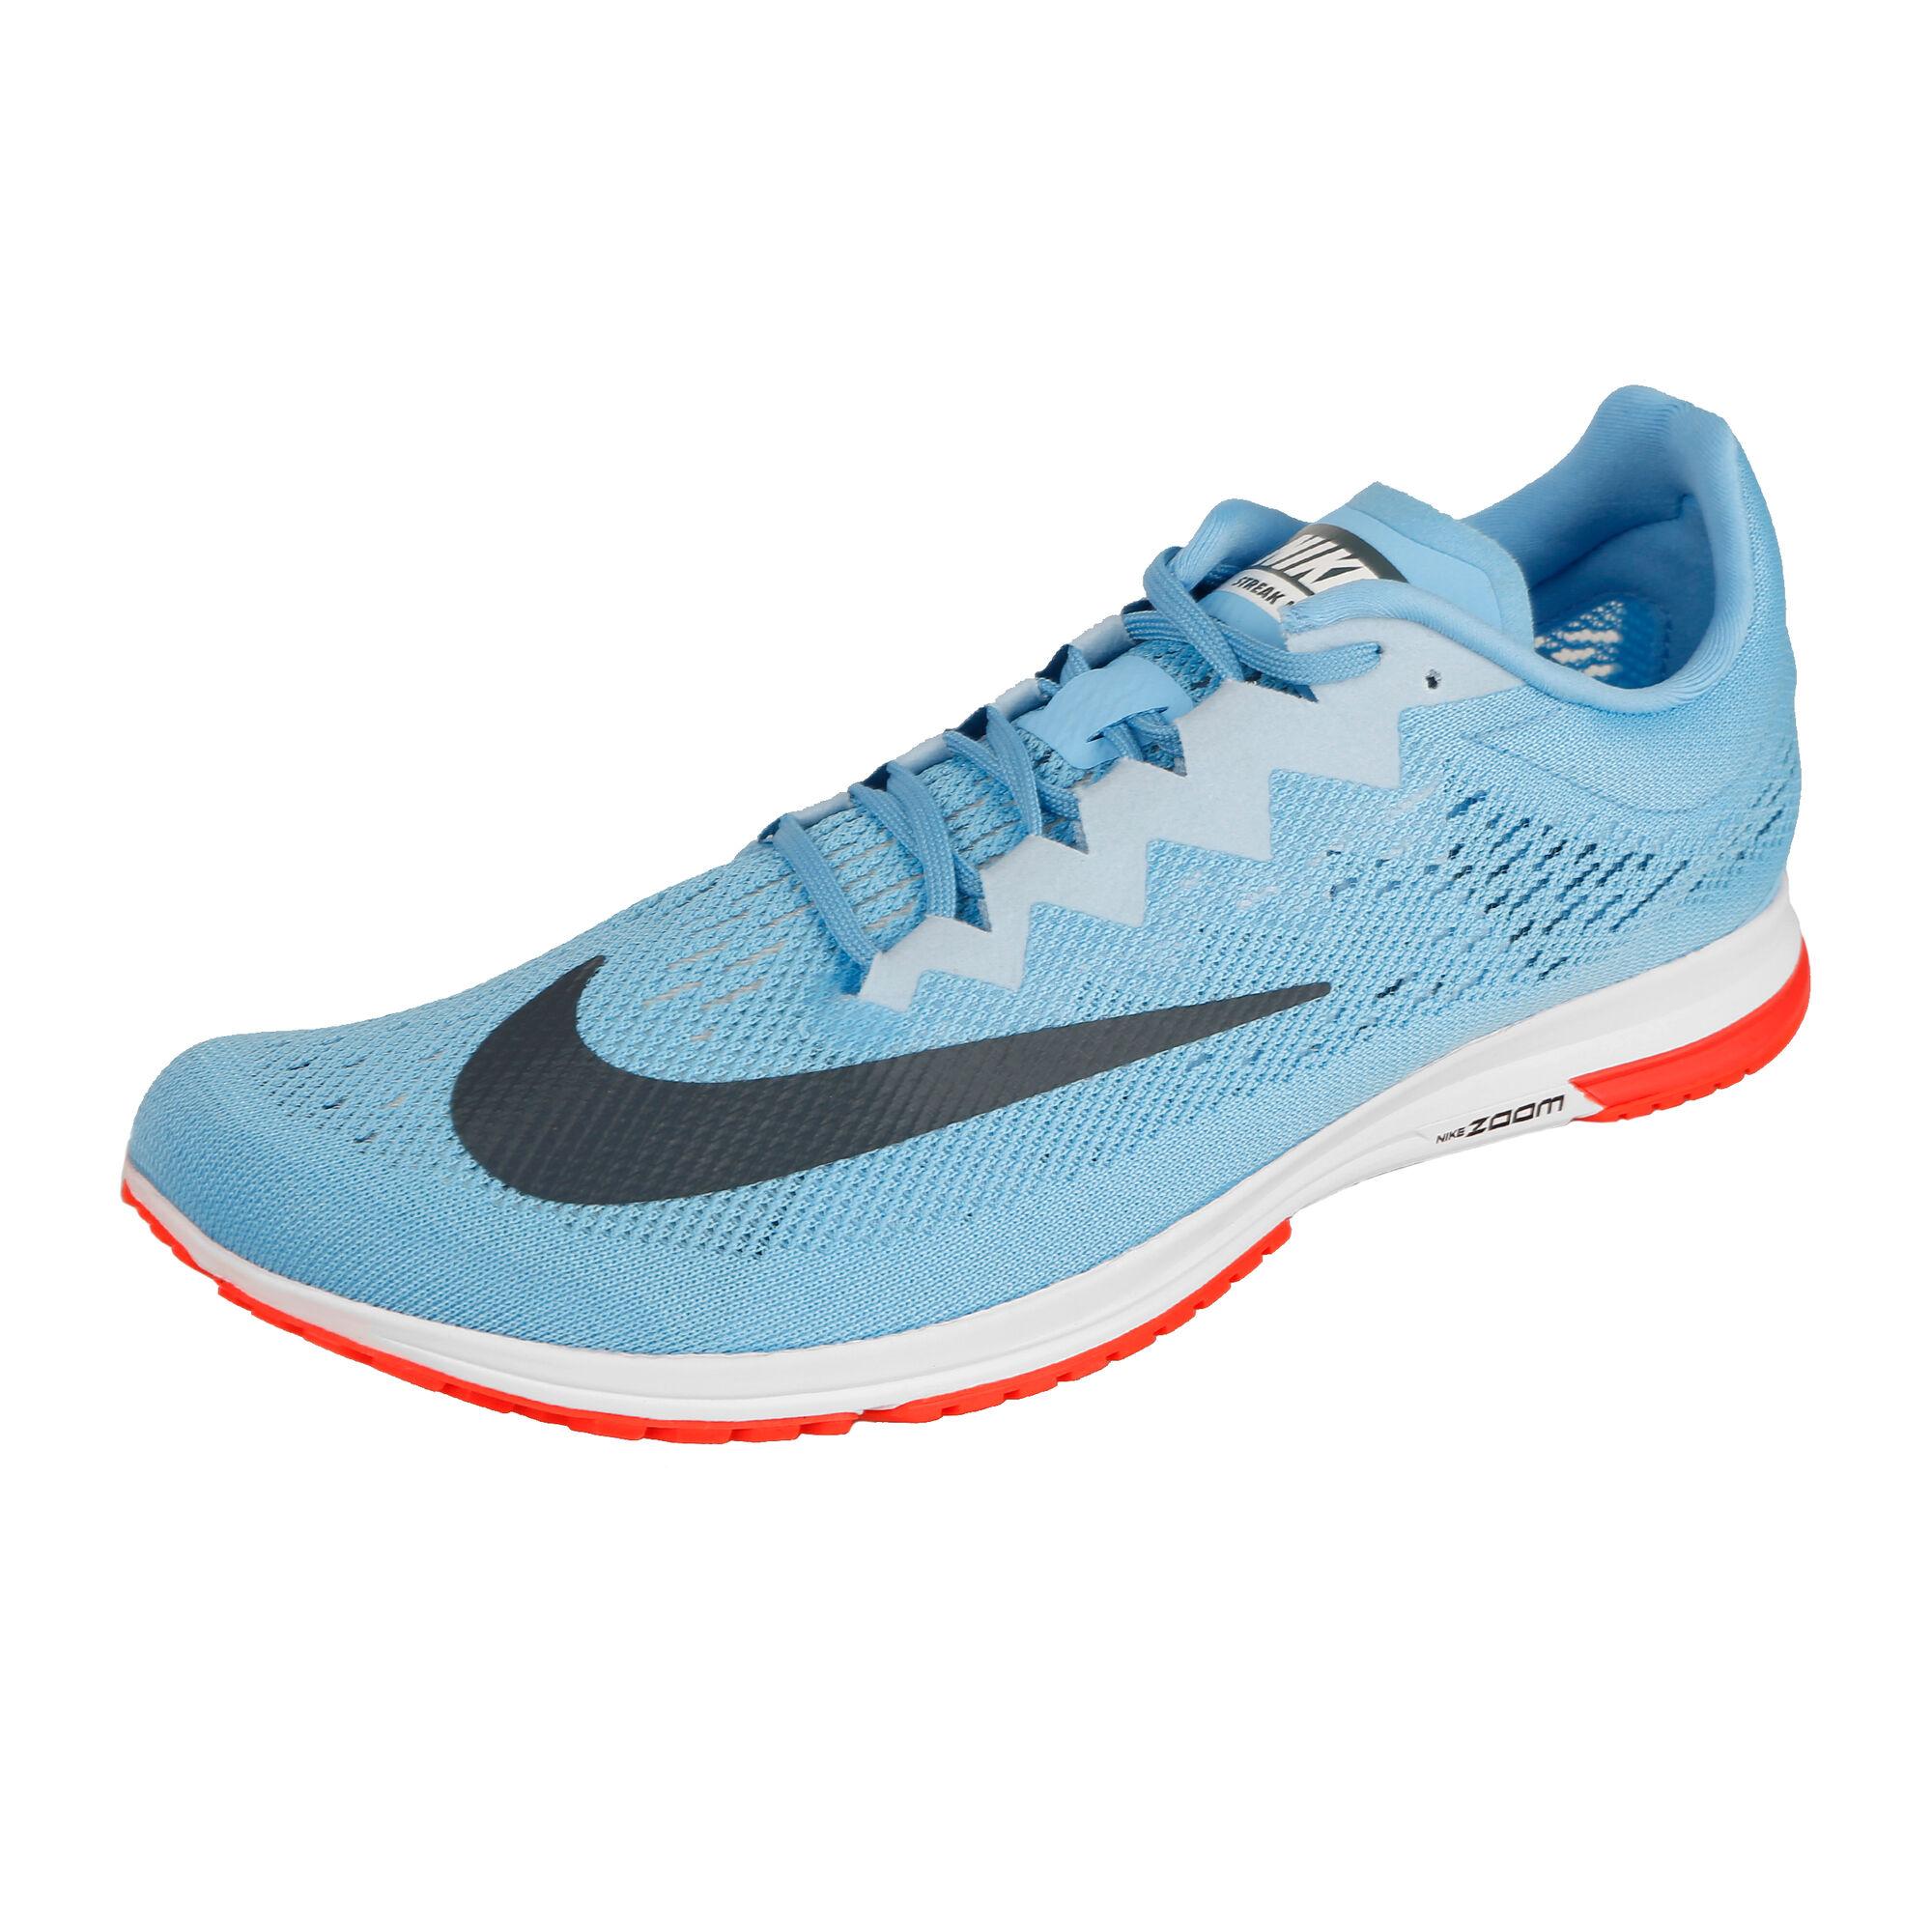 694e13732b7643 Nike · Nike · Nike · Nike · Nike. Zoom Streak LT 4 ...